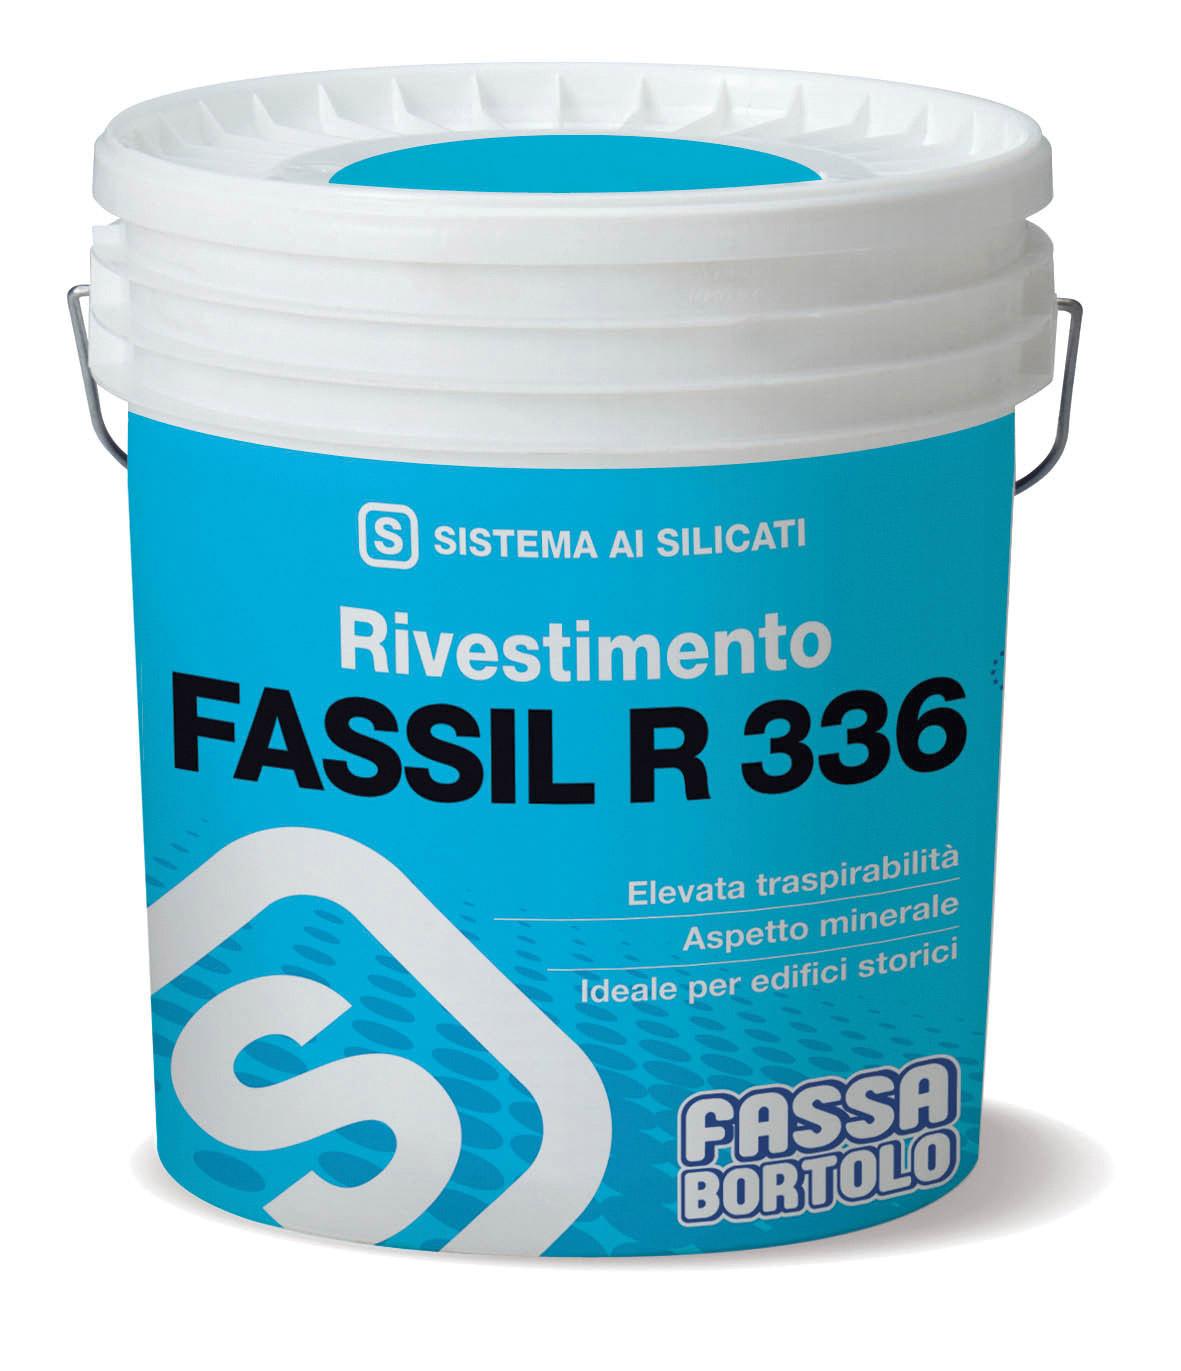 FASSIL R 336: Rivestimento minerale ai silicati rustico